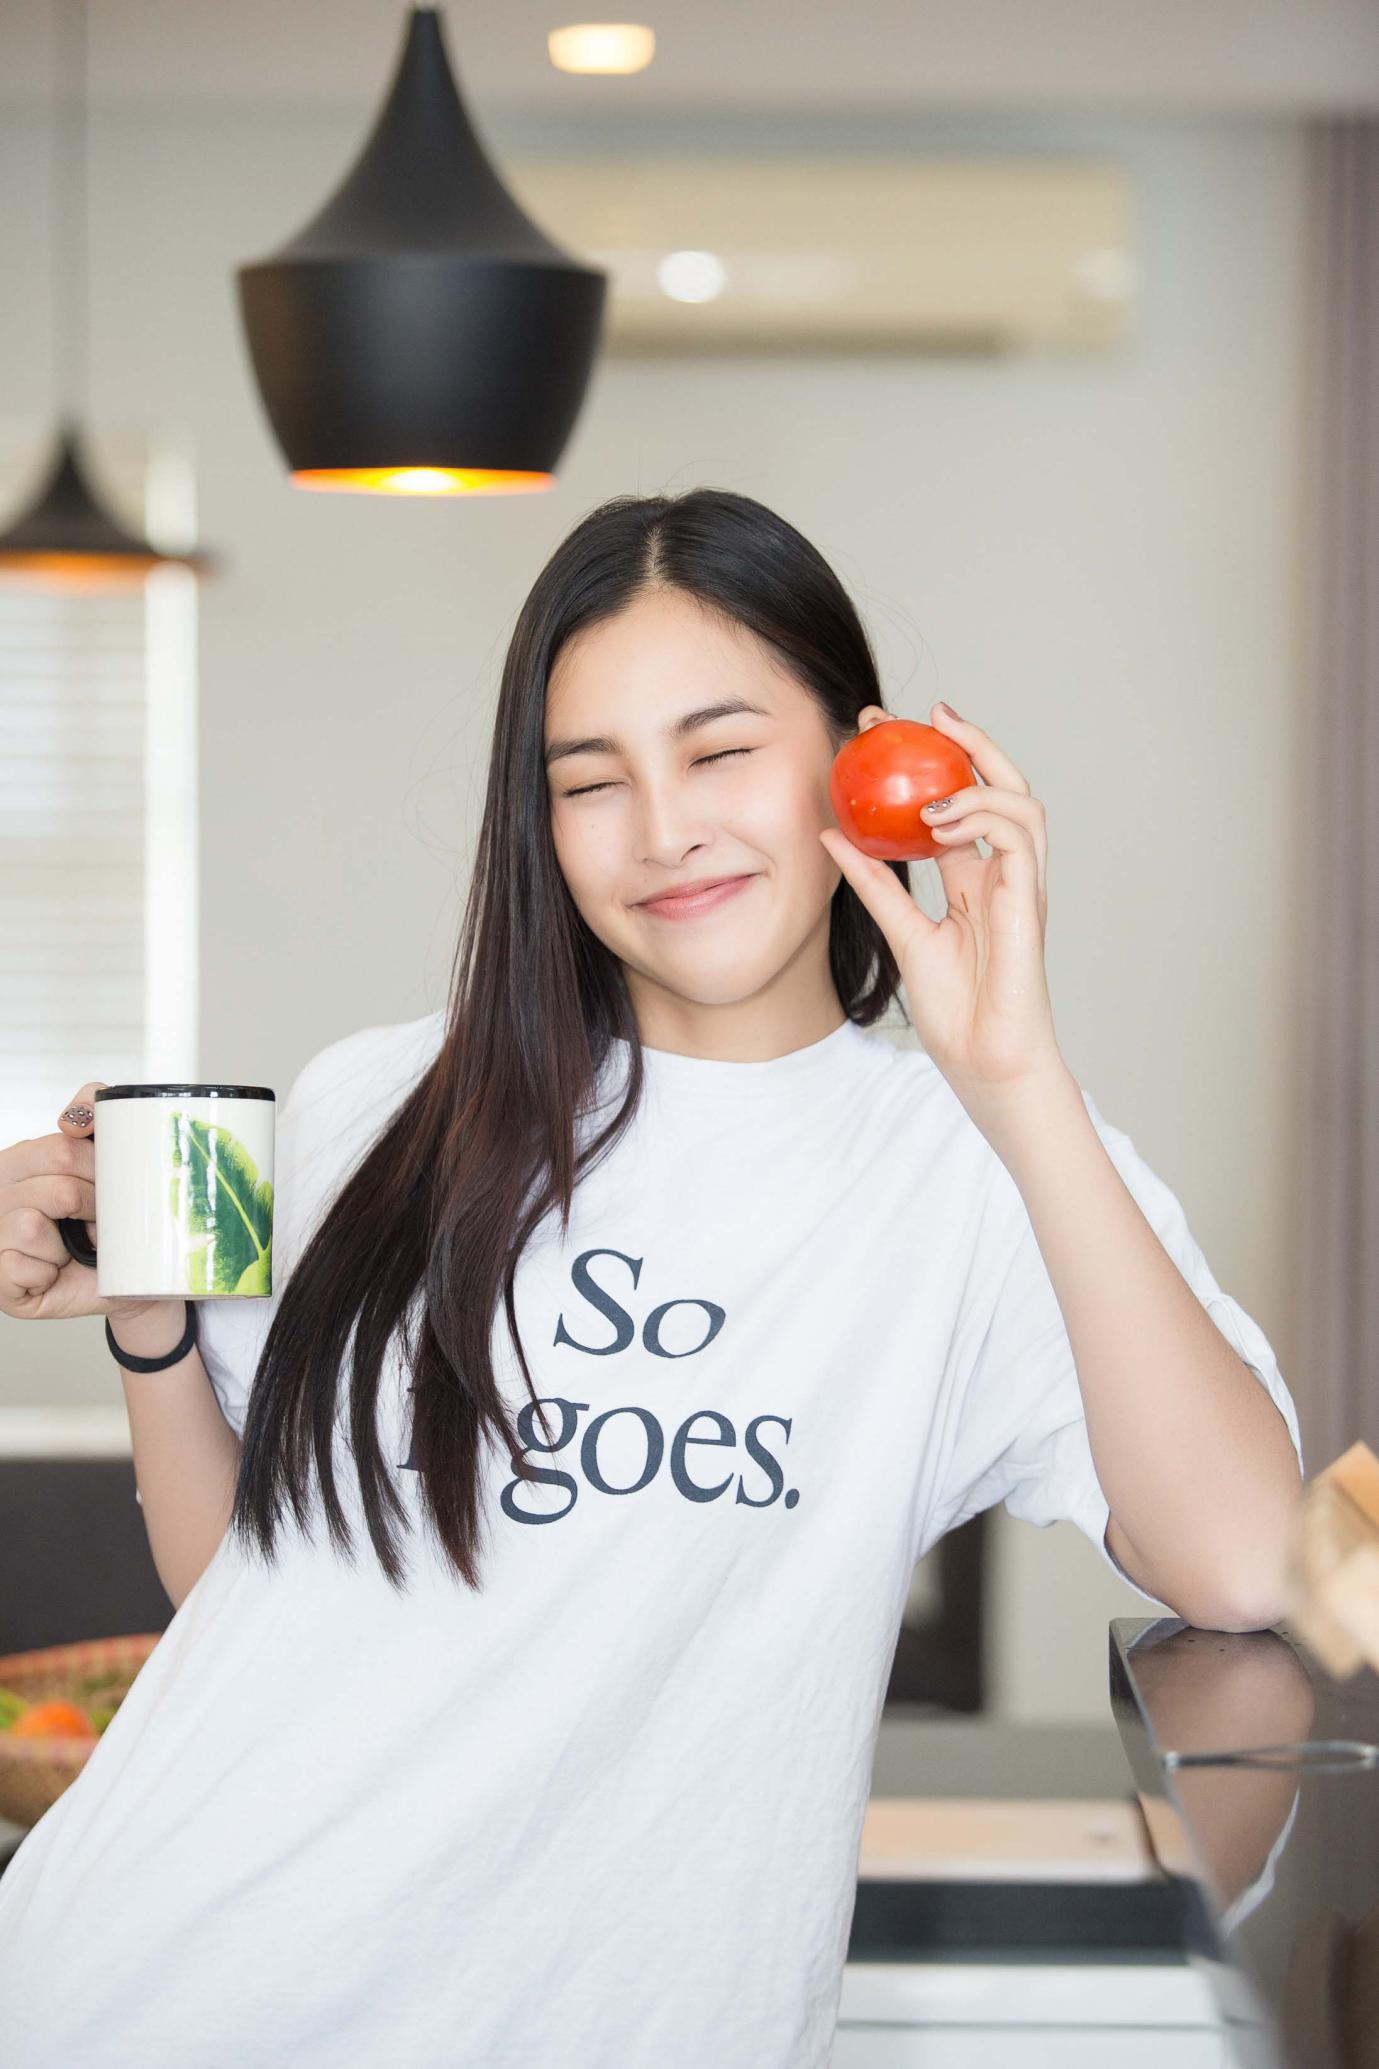 Hoa hậu Tiểu Vy: Khi trở về nhà, tôi thấy hạnh phúc vì vẫn là một cô gái của gia đình - Ảnh 3.